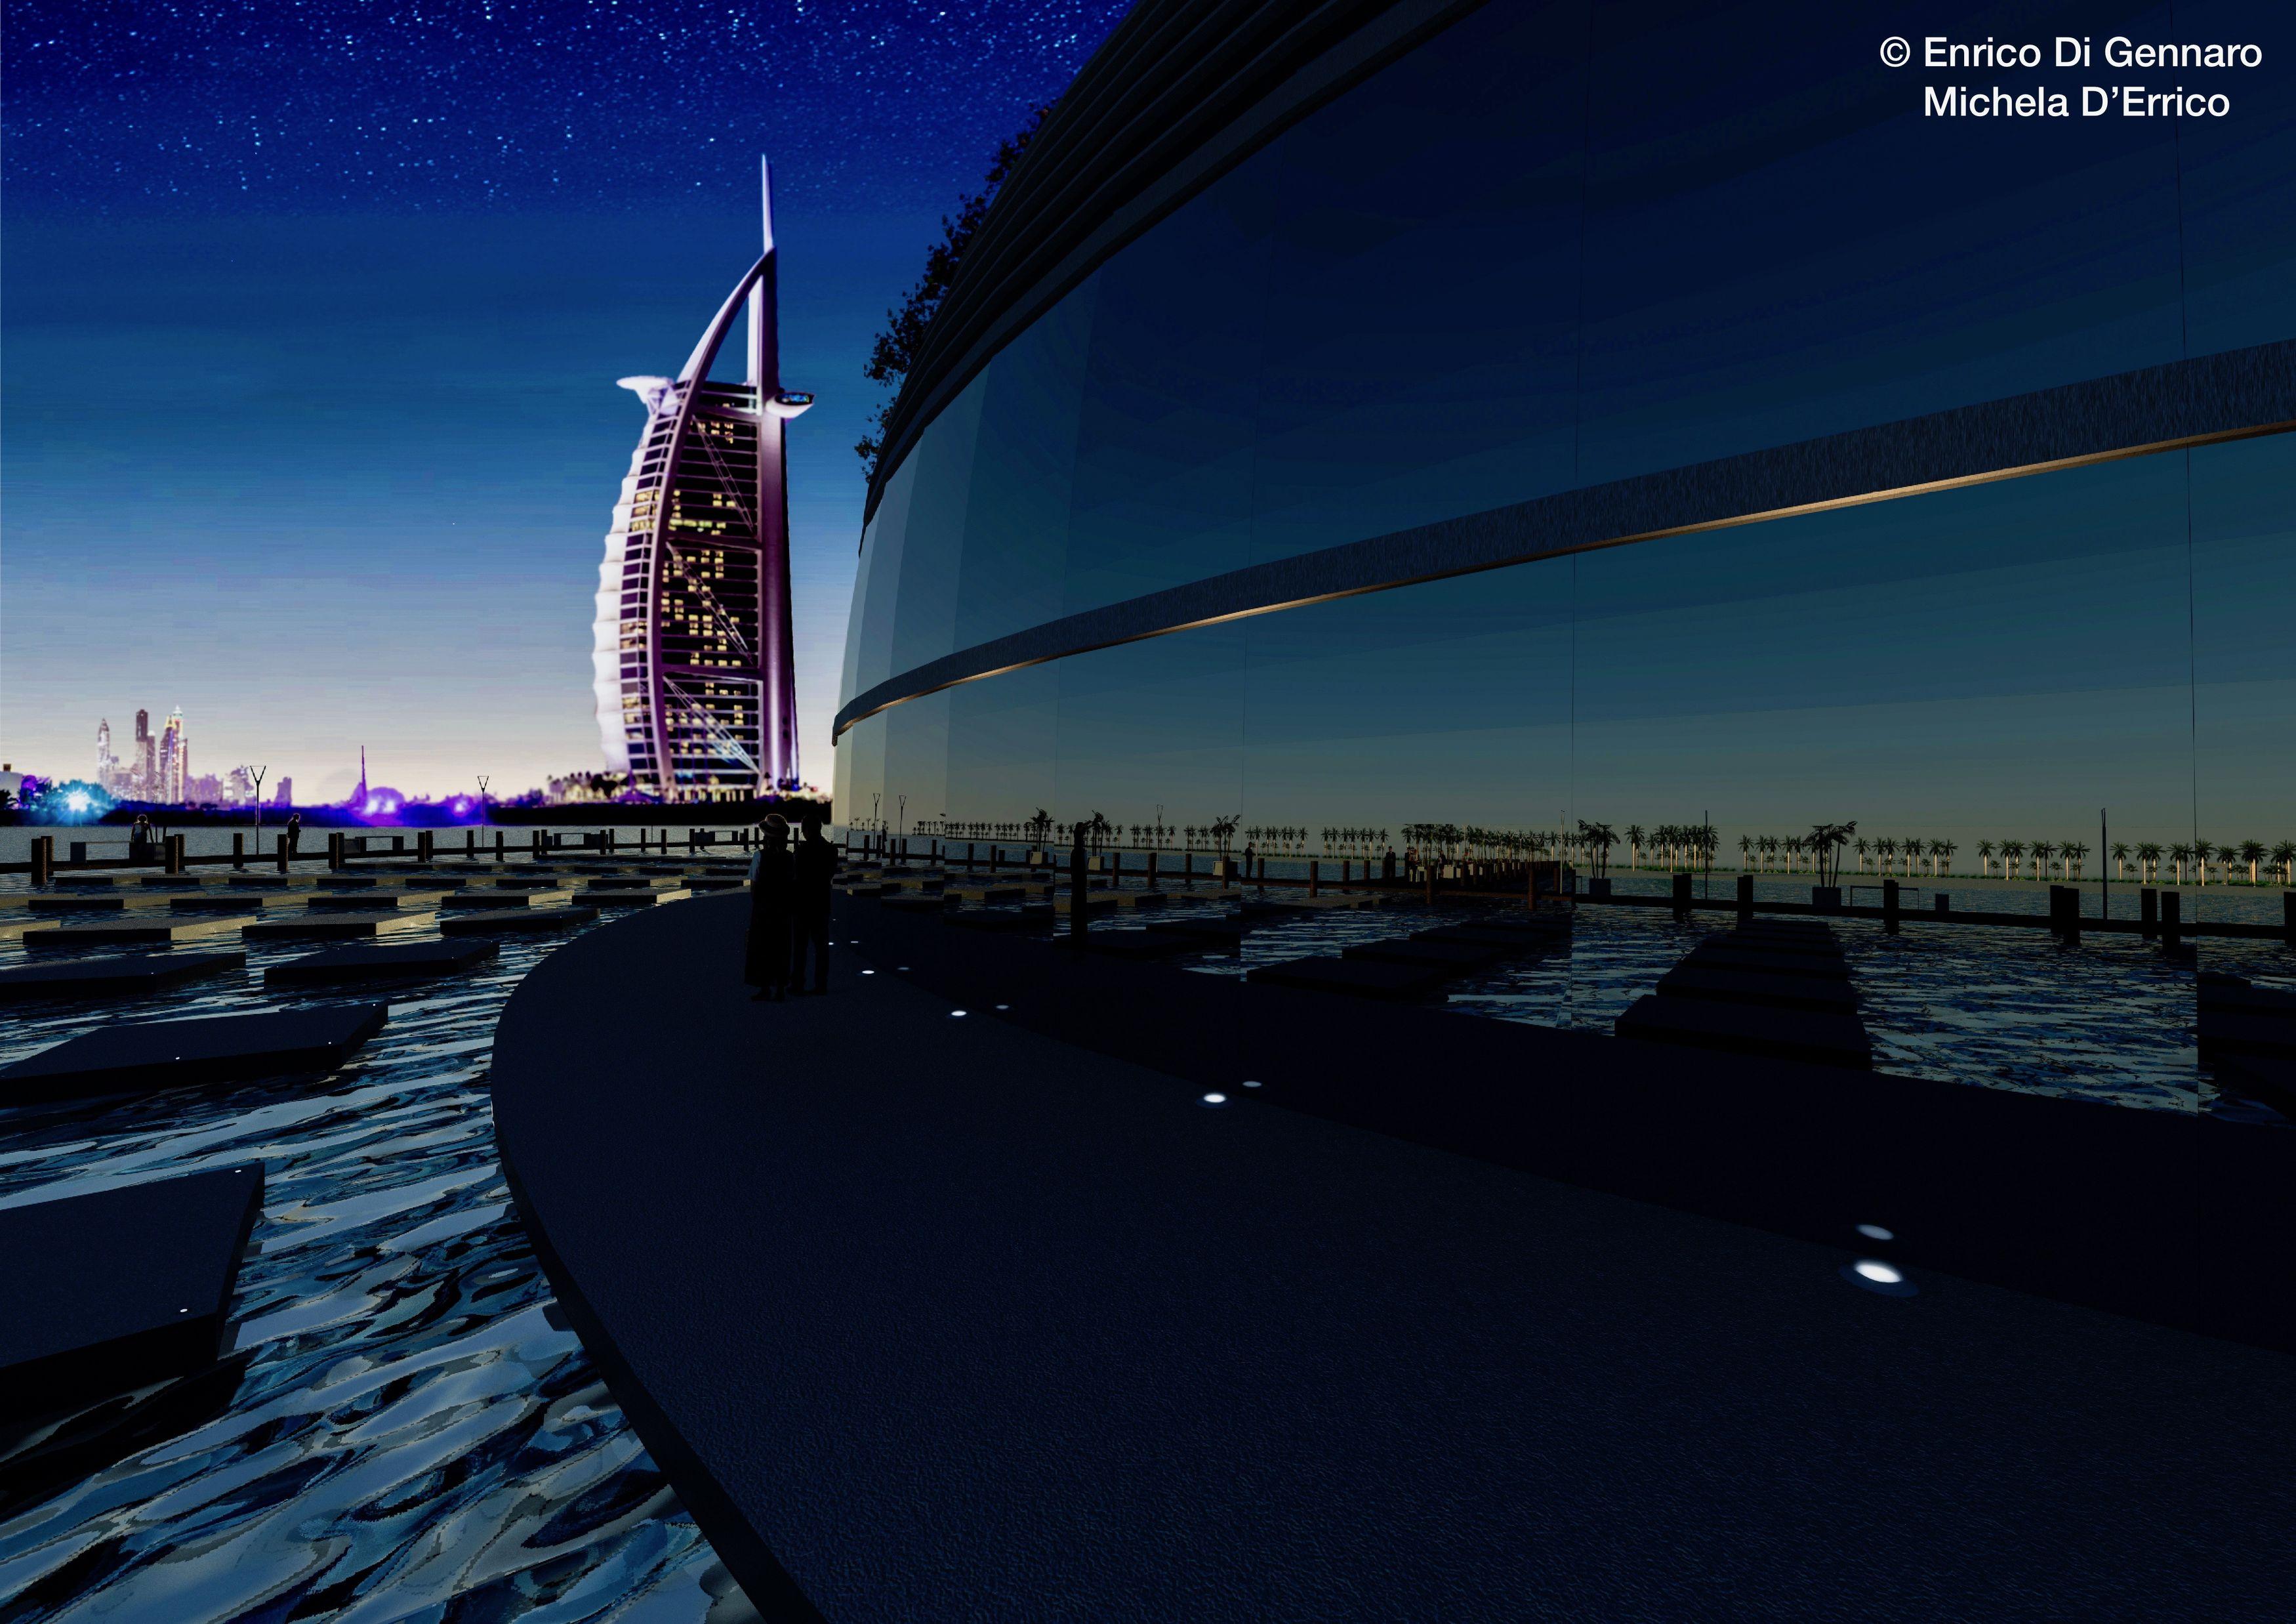 Dubai-by-night-3500-3500